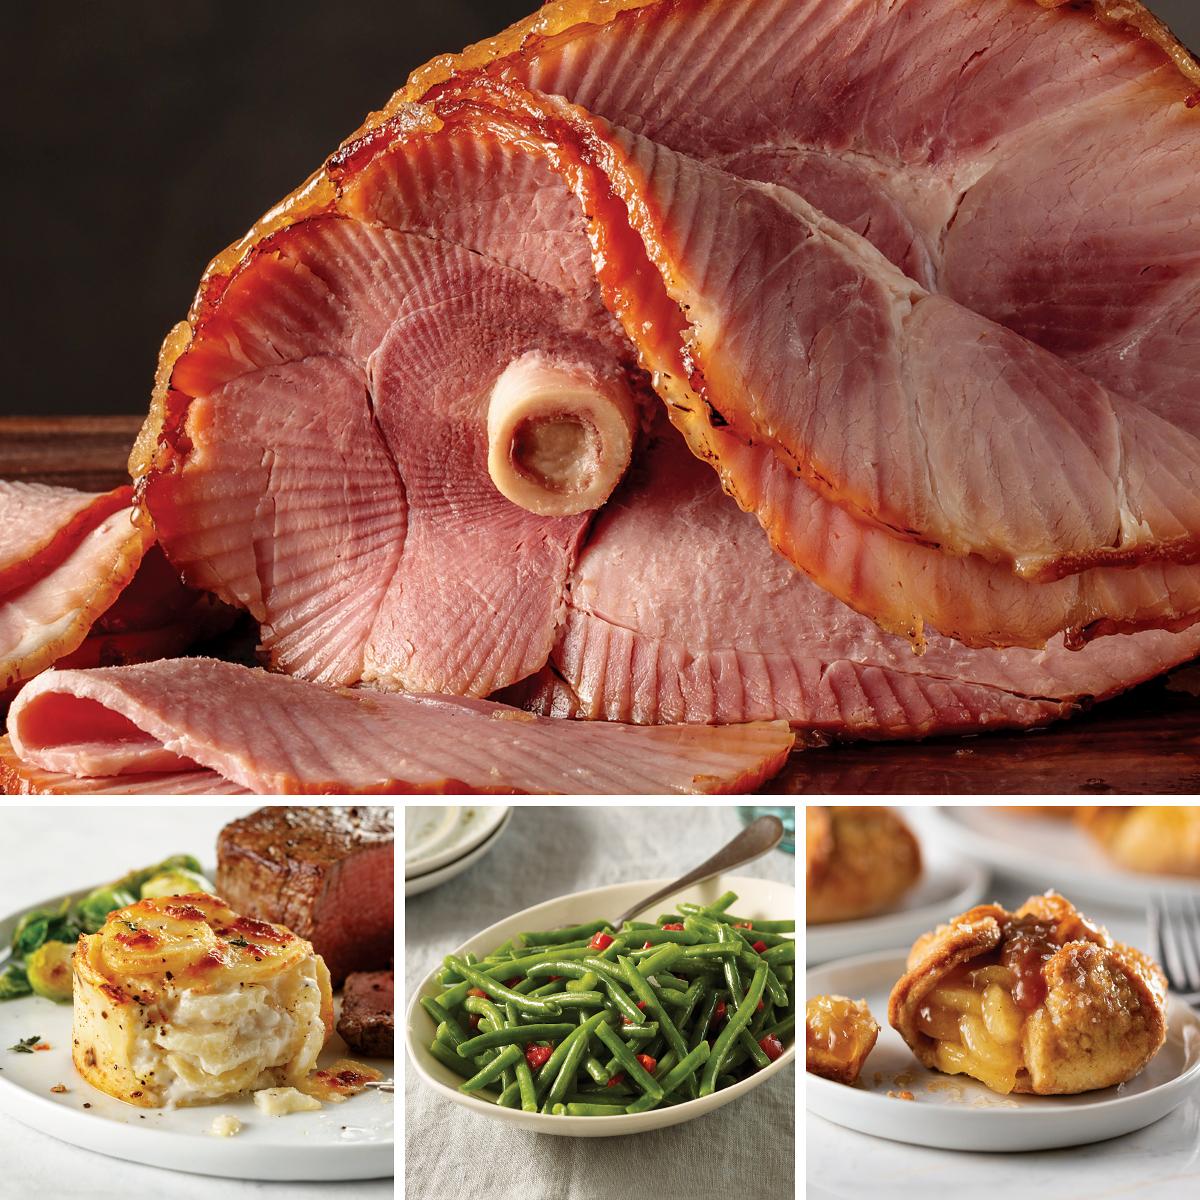 Omaha Steaks® Spiral Sliced Ham Meal